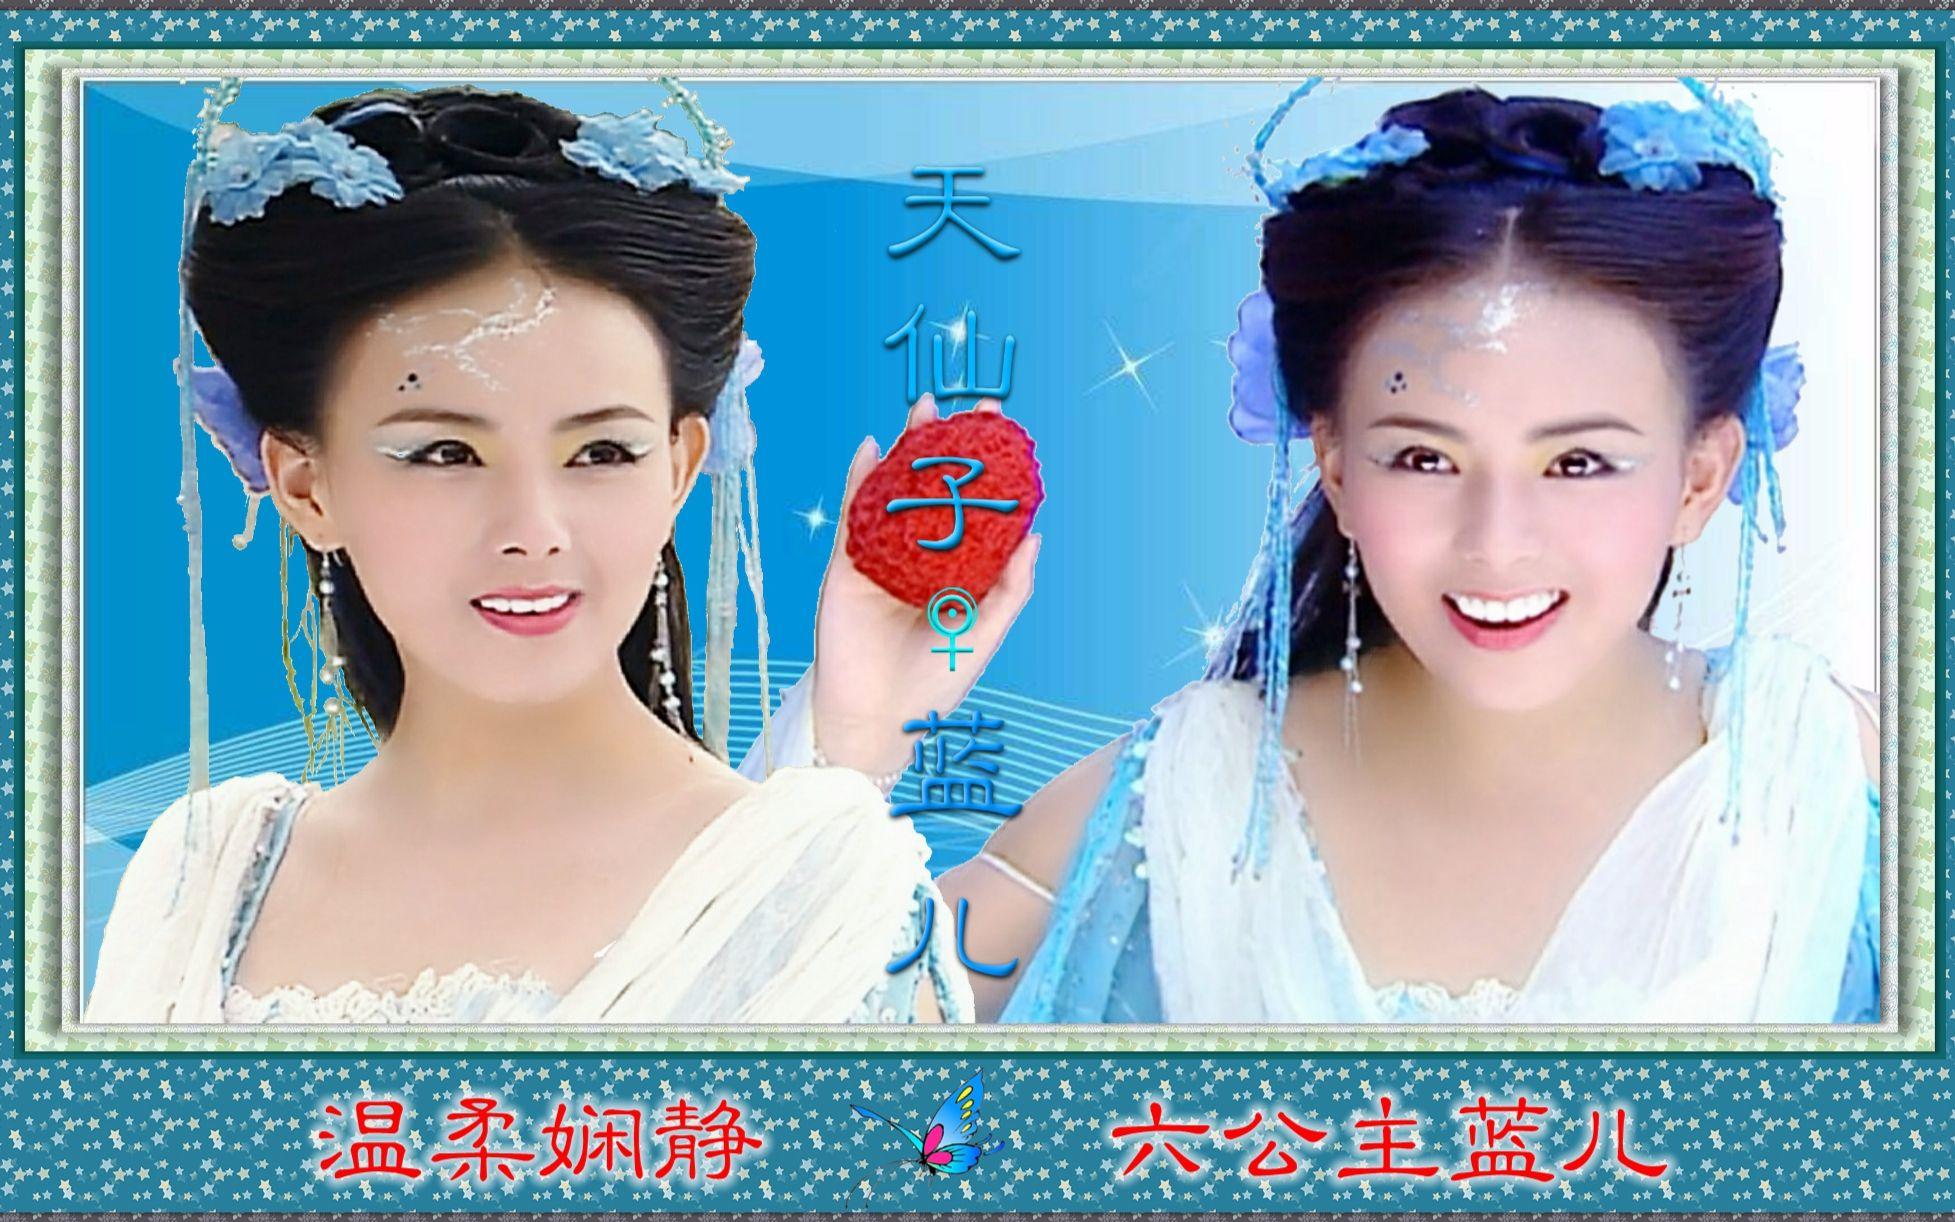 六公主_【欢天喜地七仙女】之 娴静乖巧的六公主·蓝儿